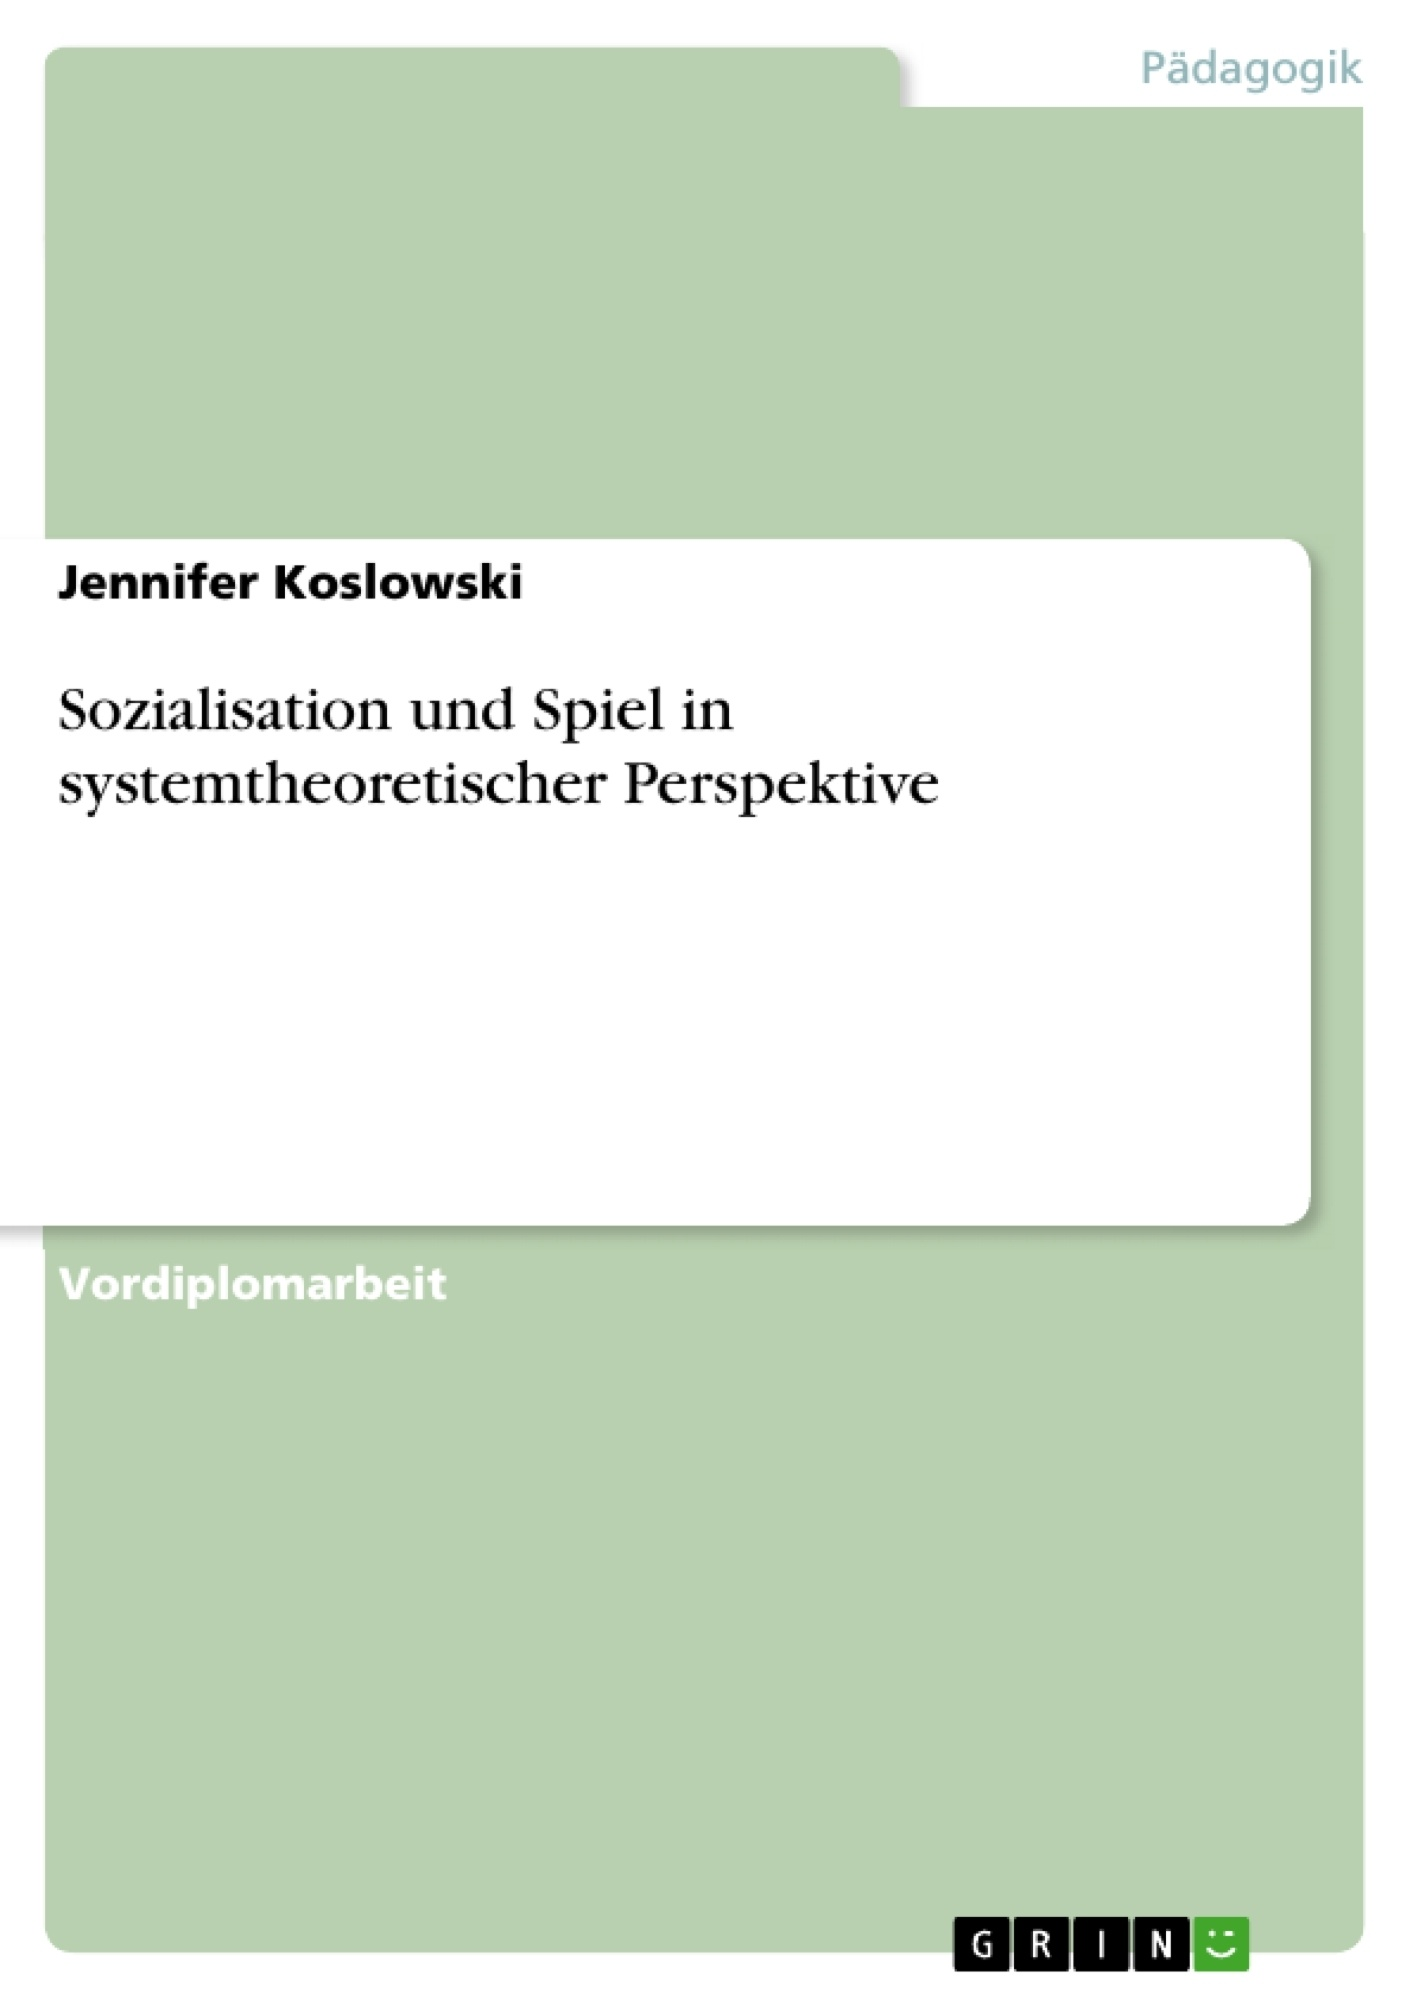 Titel: Sozialisation und Spiel in systemtheoretischer Perspektive